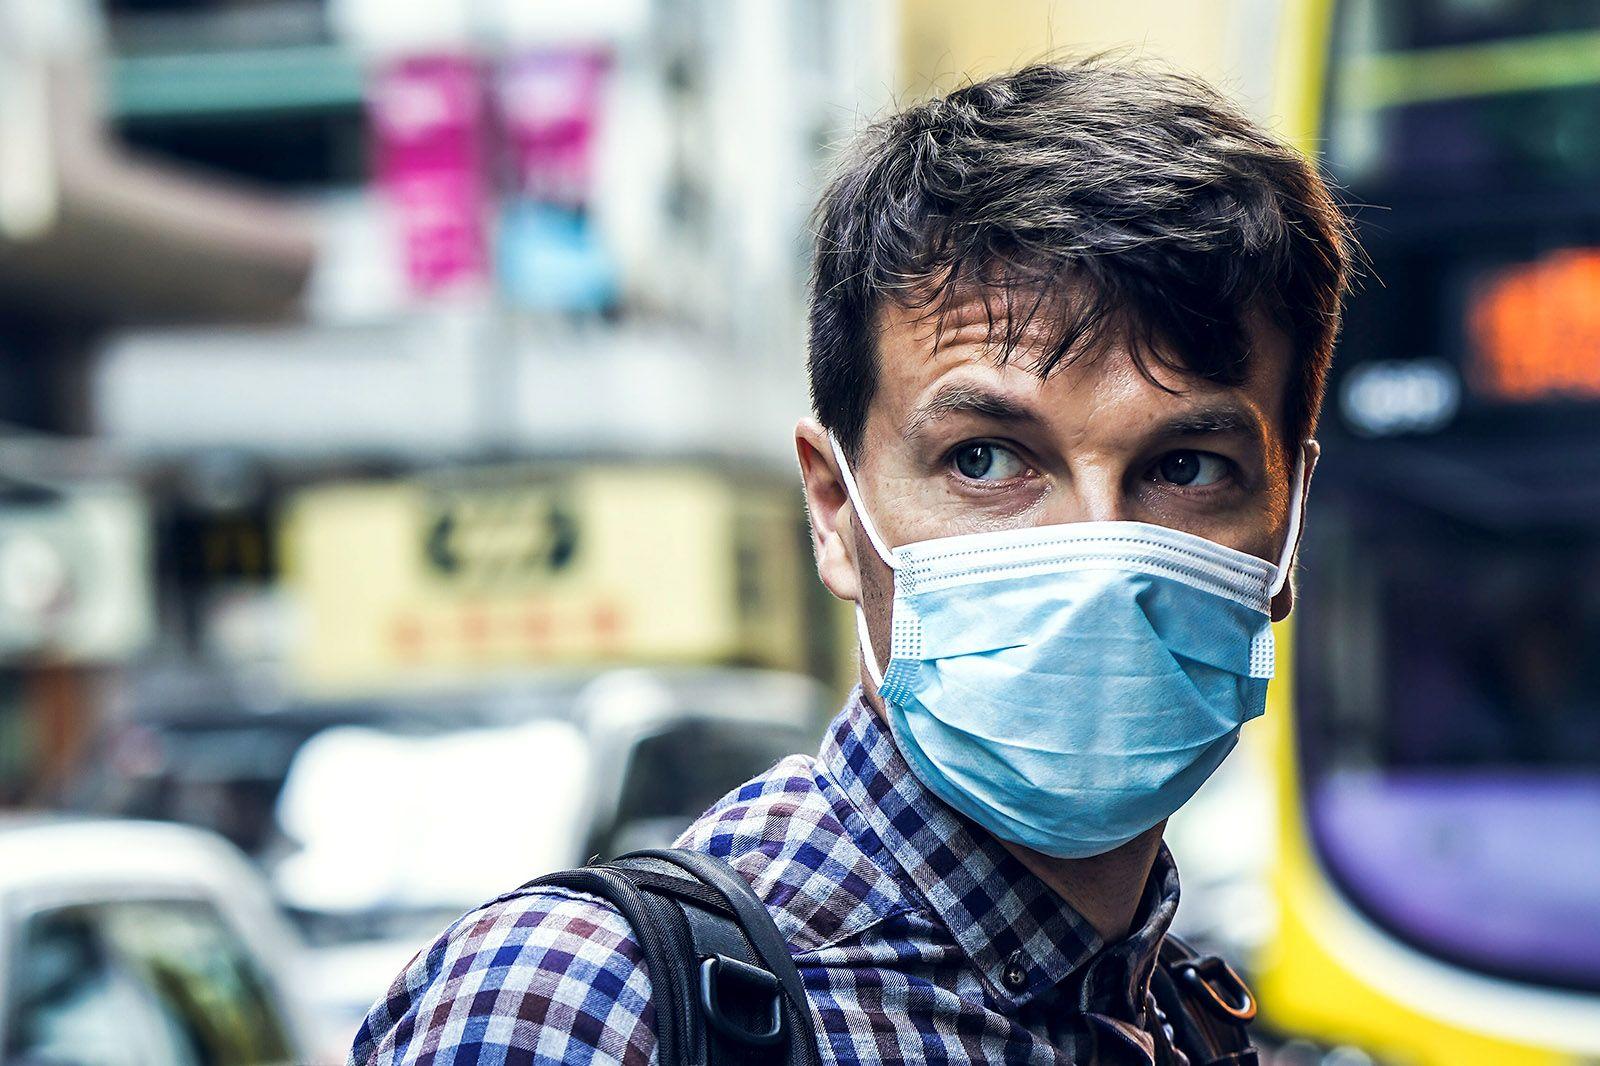 Hombre usando una mascarilla de papel en exterior